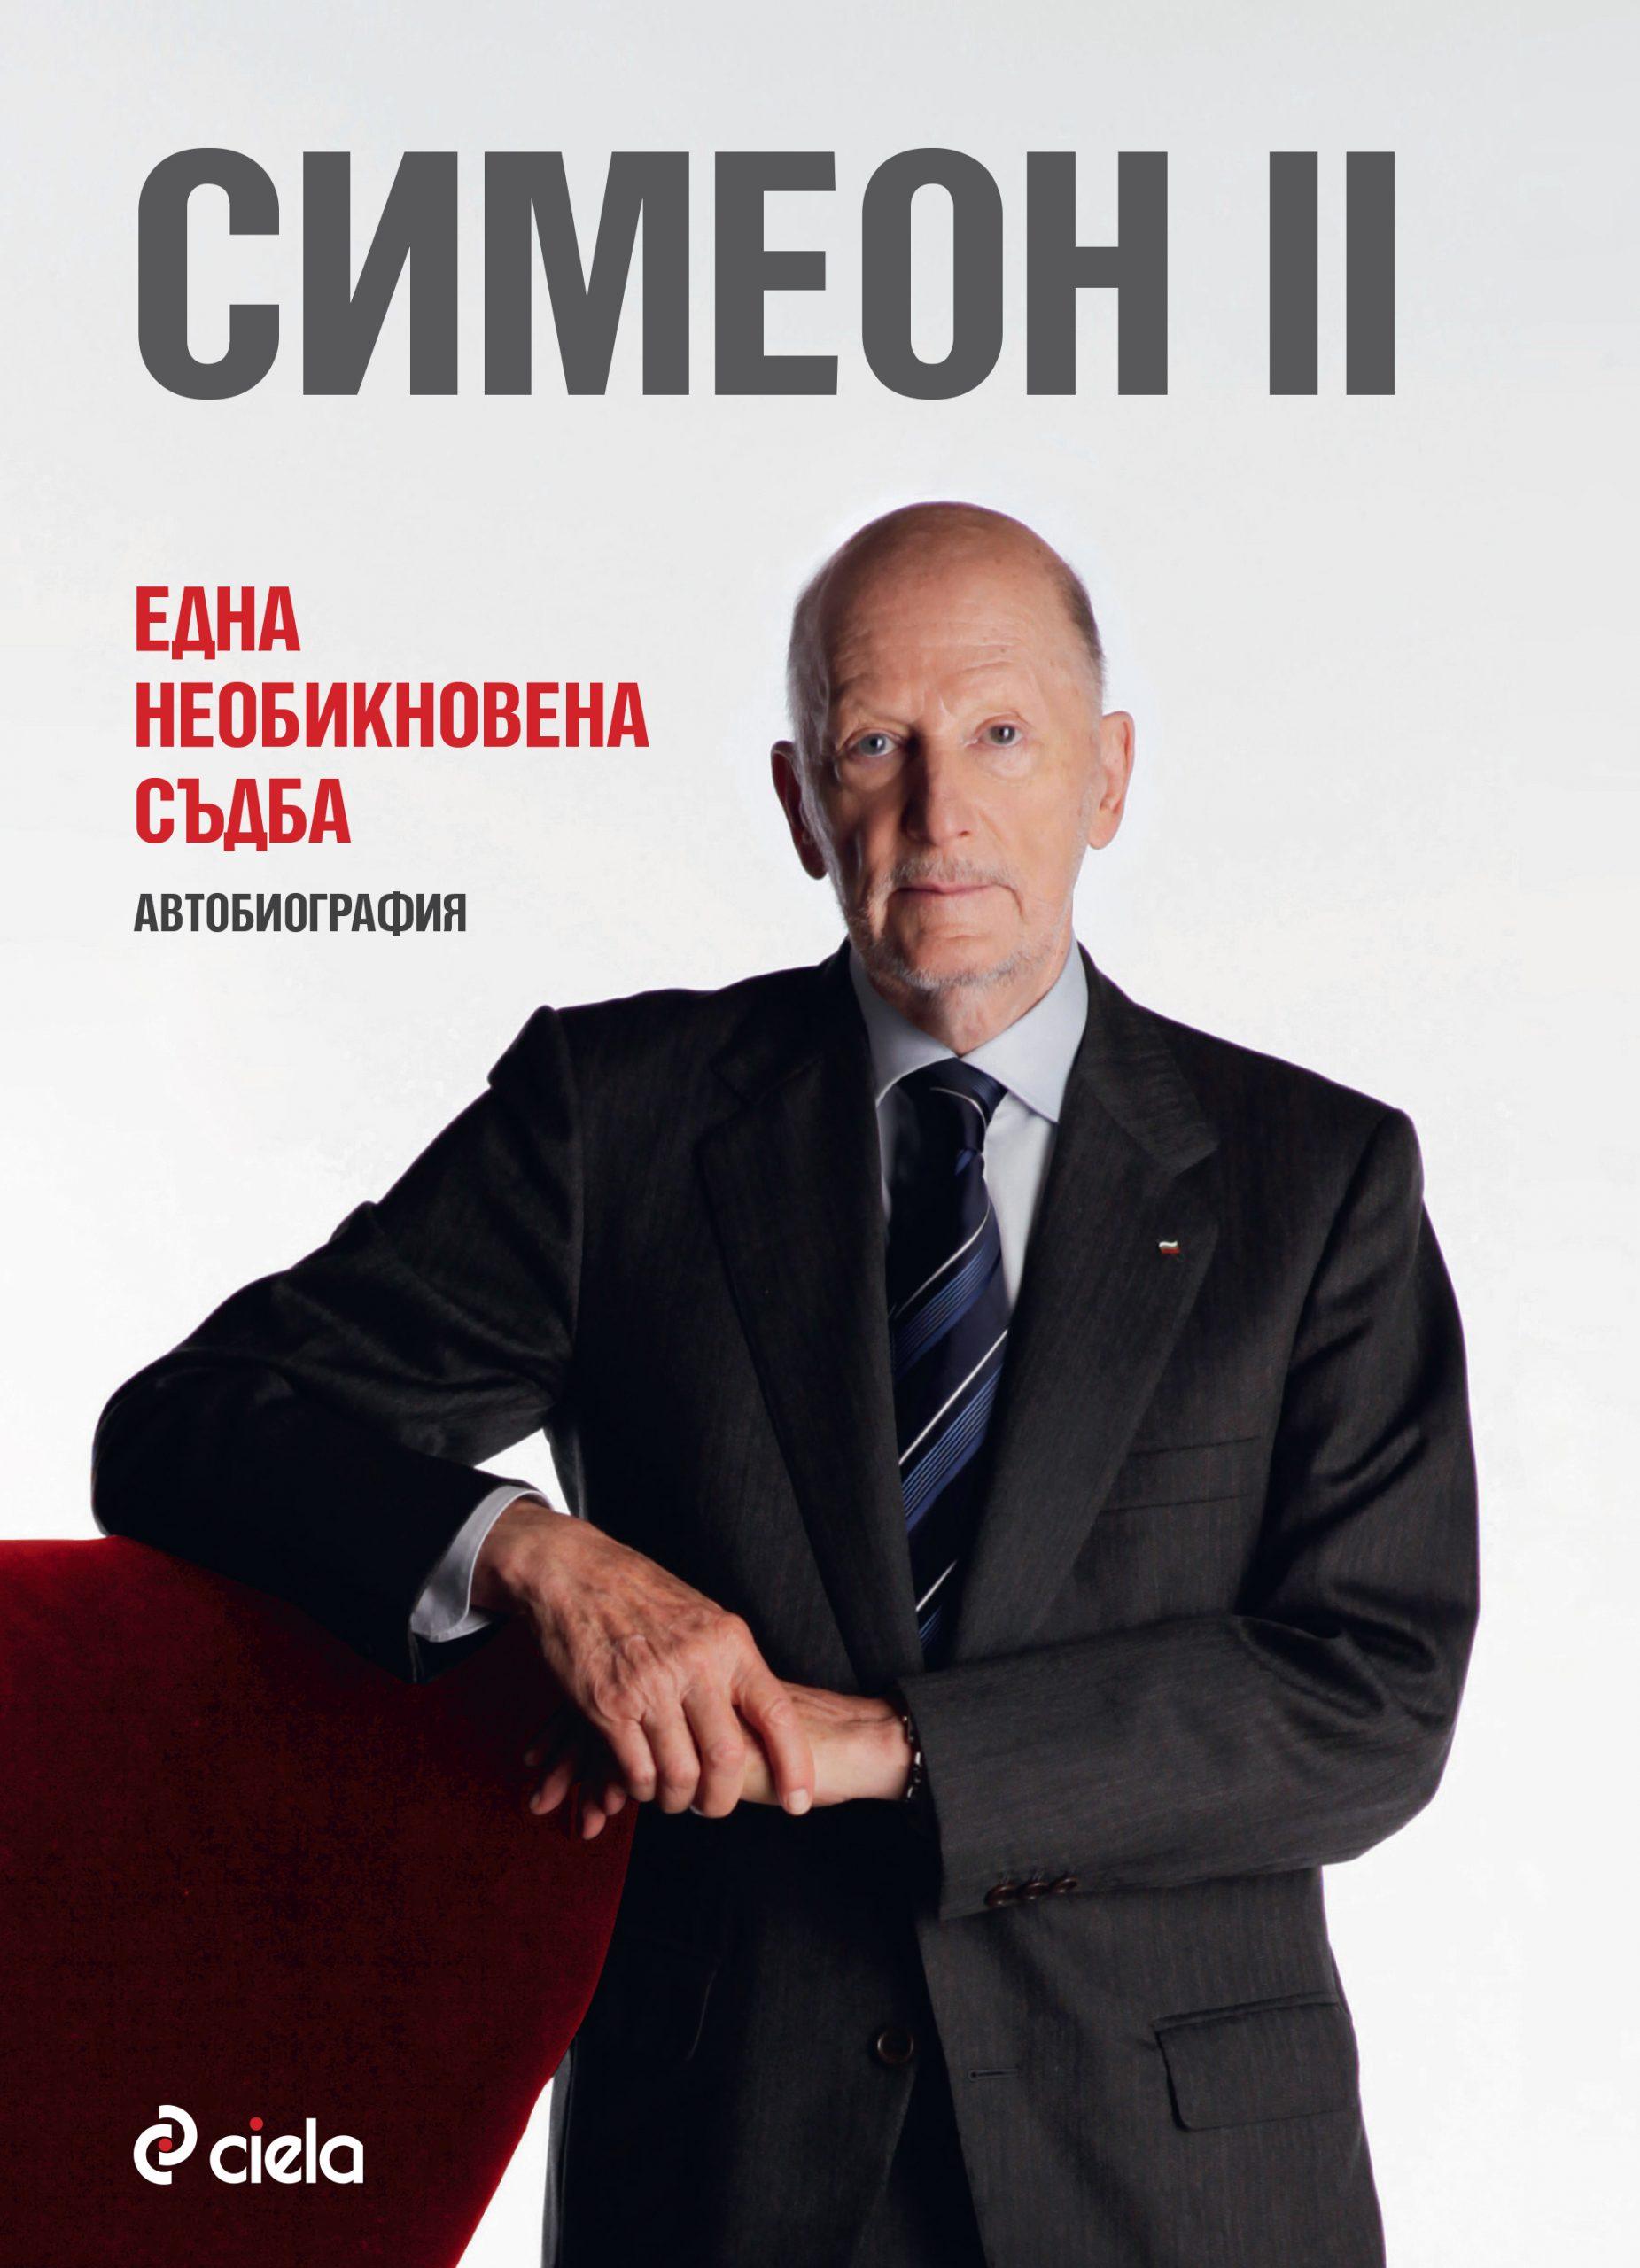 Симеон II гостува във Варна по повод представянето на автобиографичната си книга